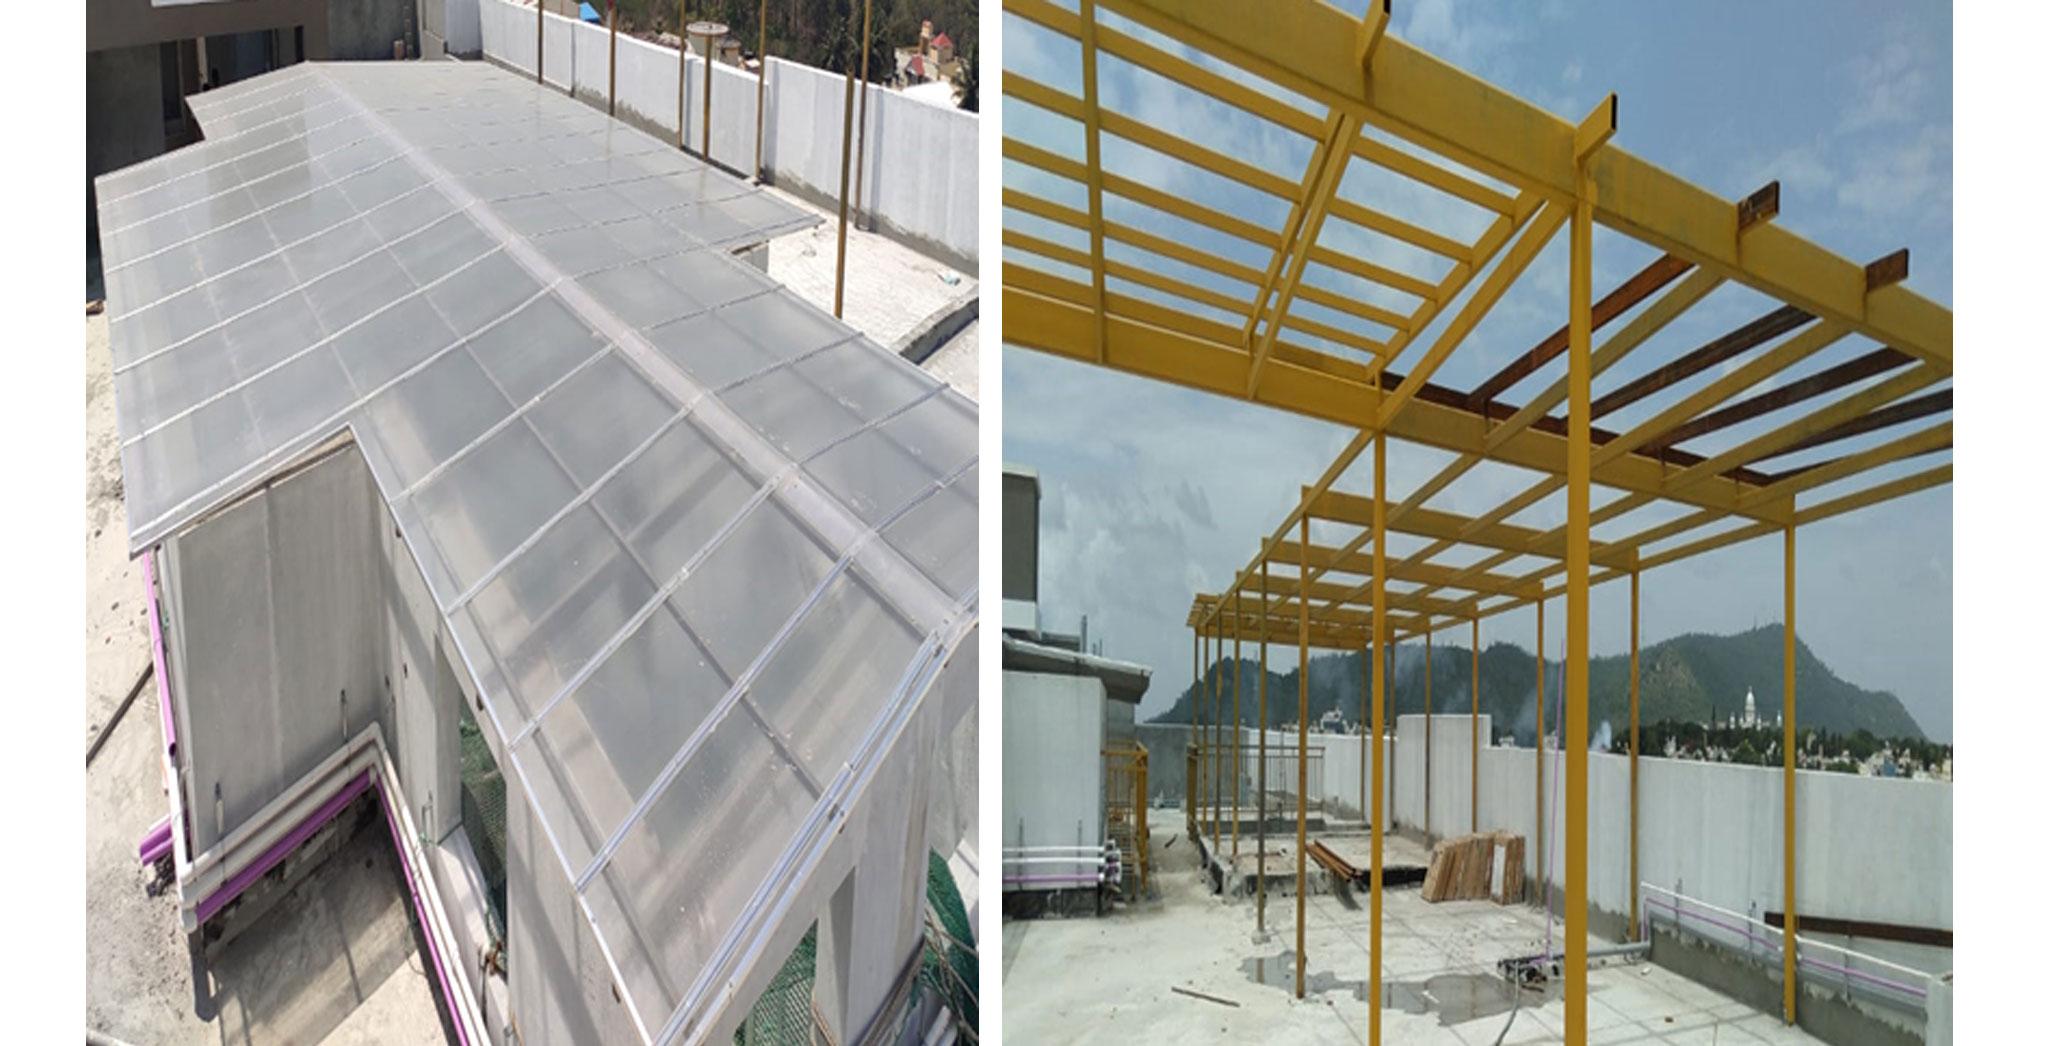 Jul 2021 - Terrace: MS works & skylight in progress